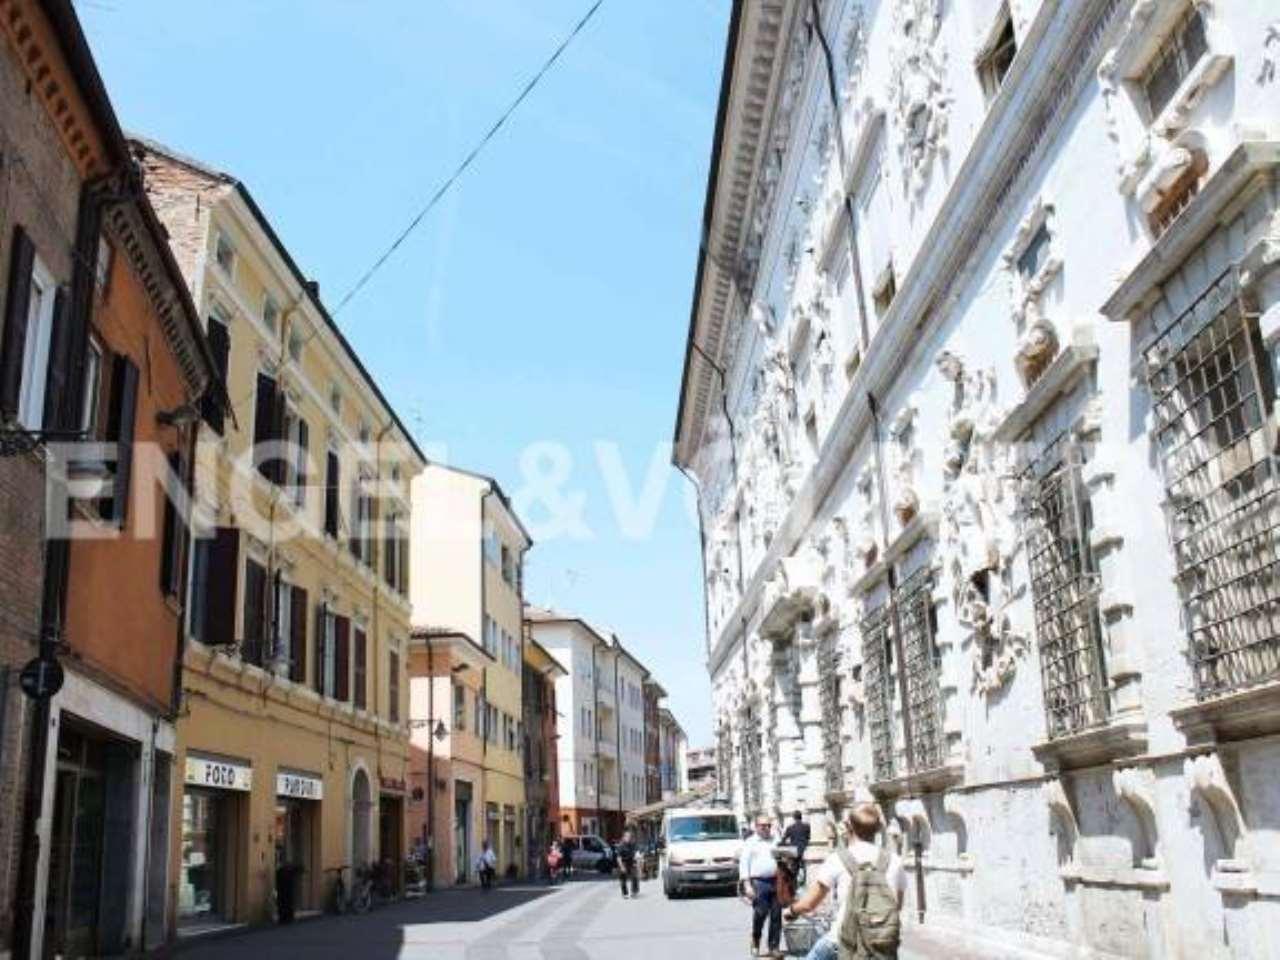 Attico / Mansarda in vendita a Ferrara, 4 locali, prezzo € 149.000 | CambioCasa.it